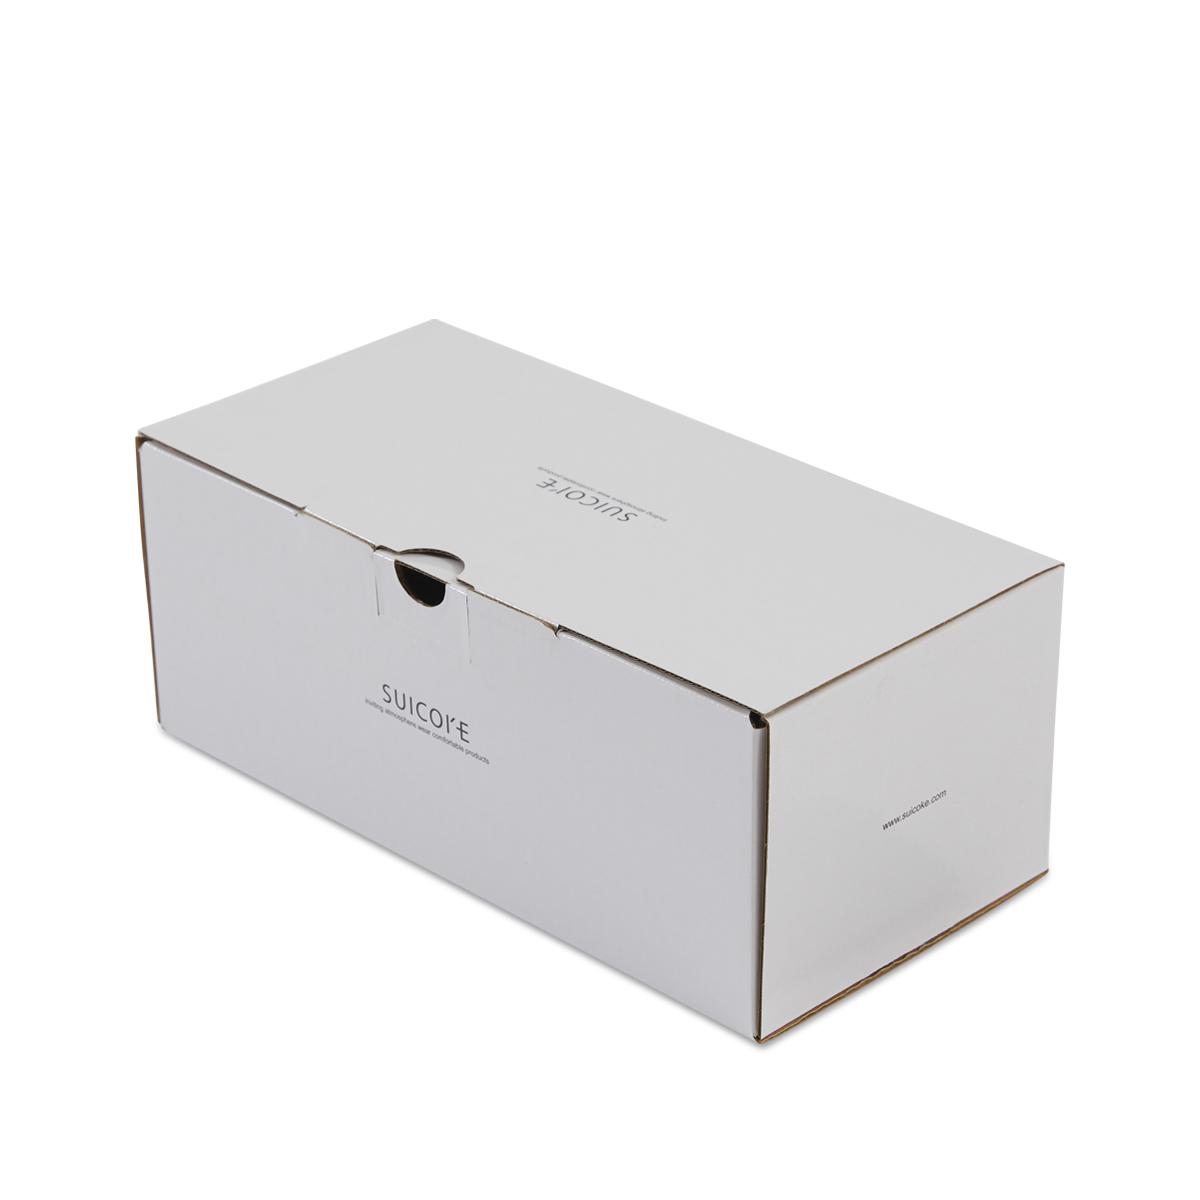 SUICOKE DEPA-V2 Sandal